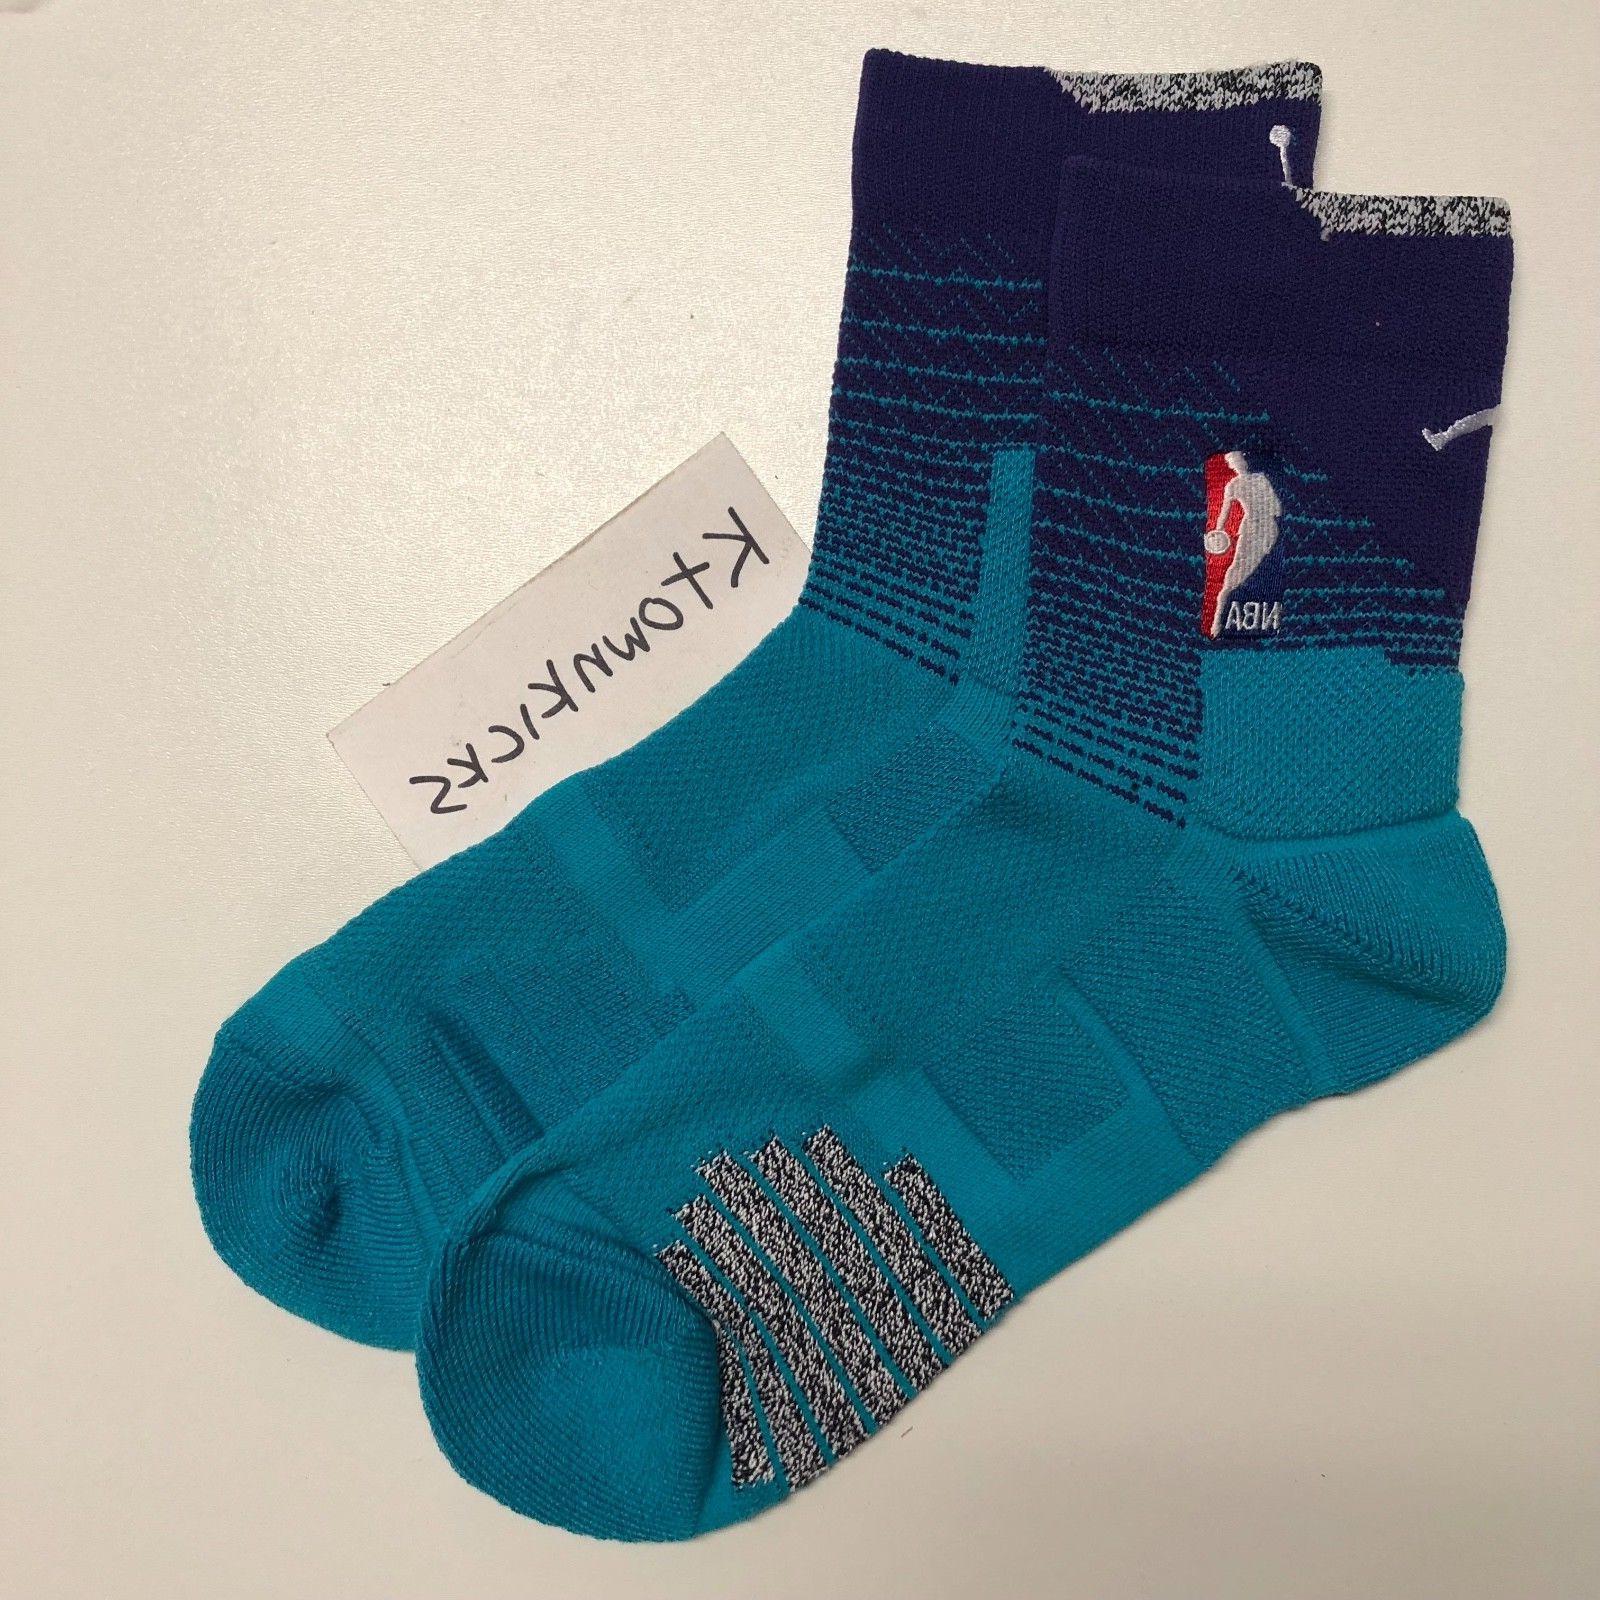 Nike Charlotte Hornets Elite High Quarter Mid Jordan Socks M